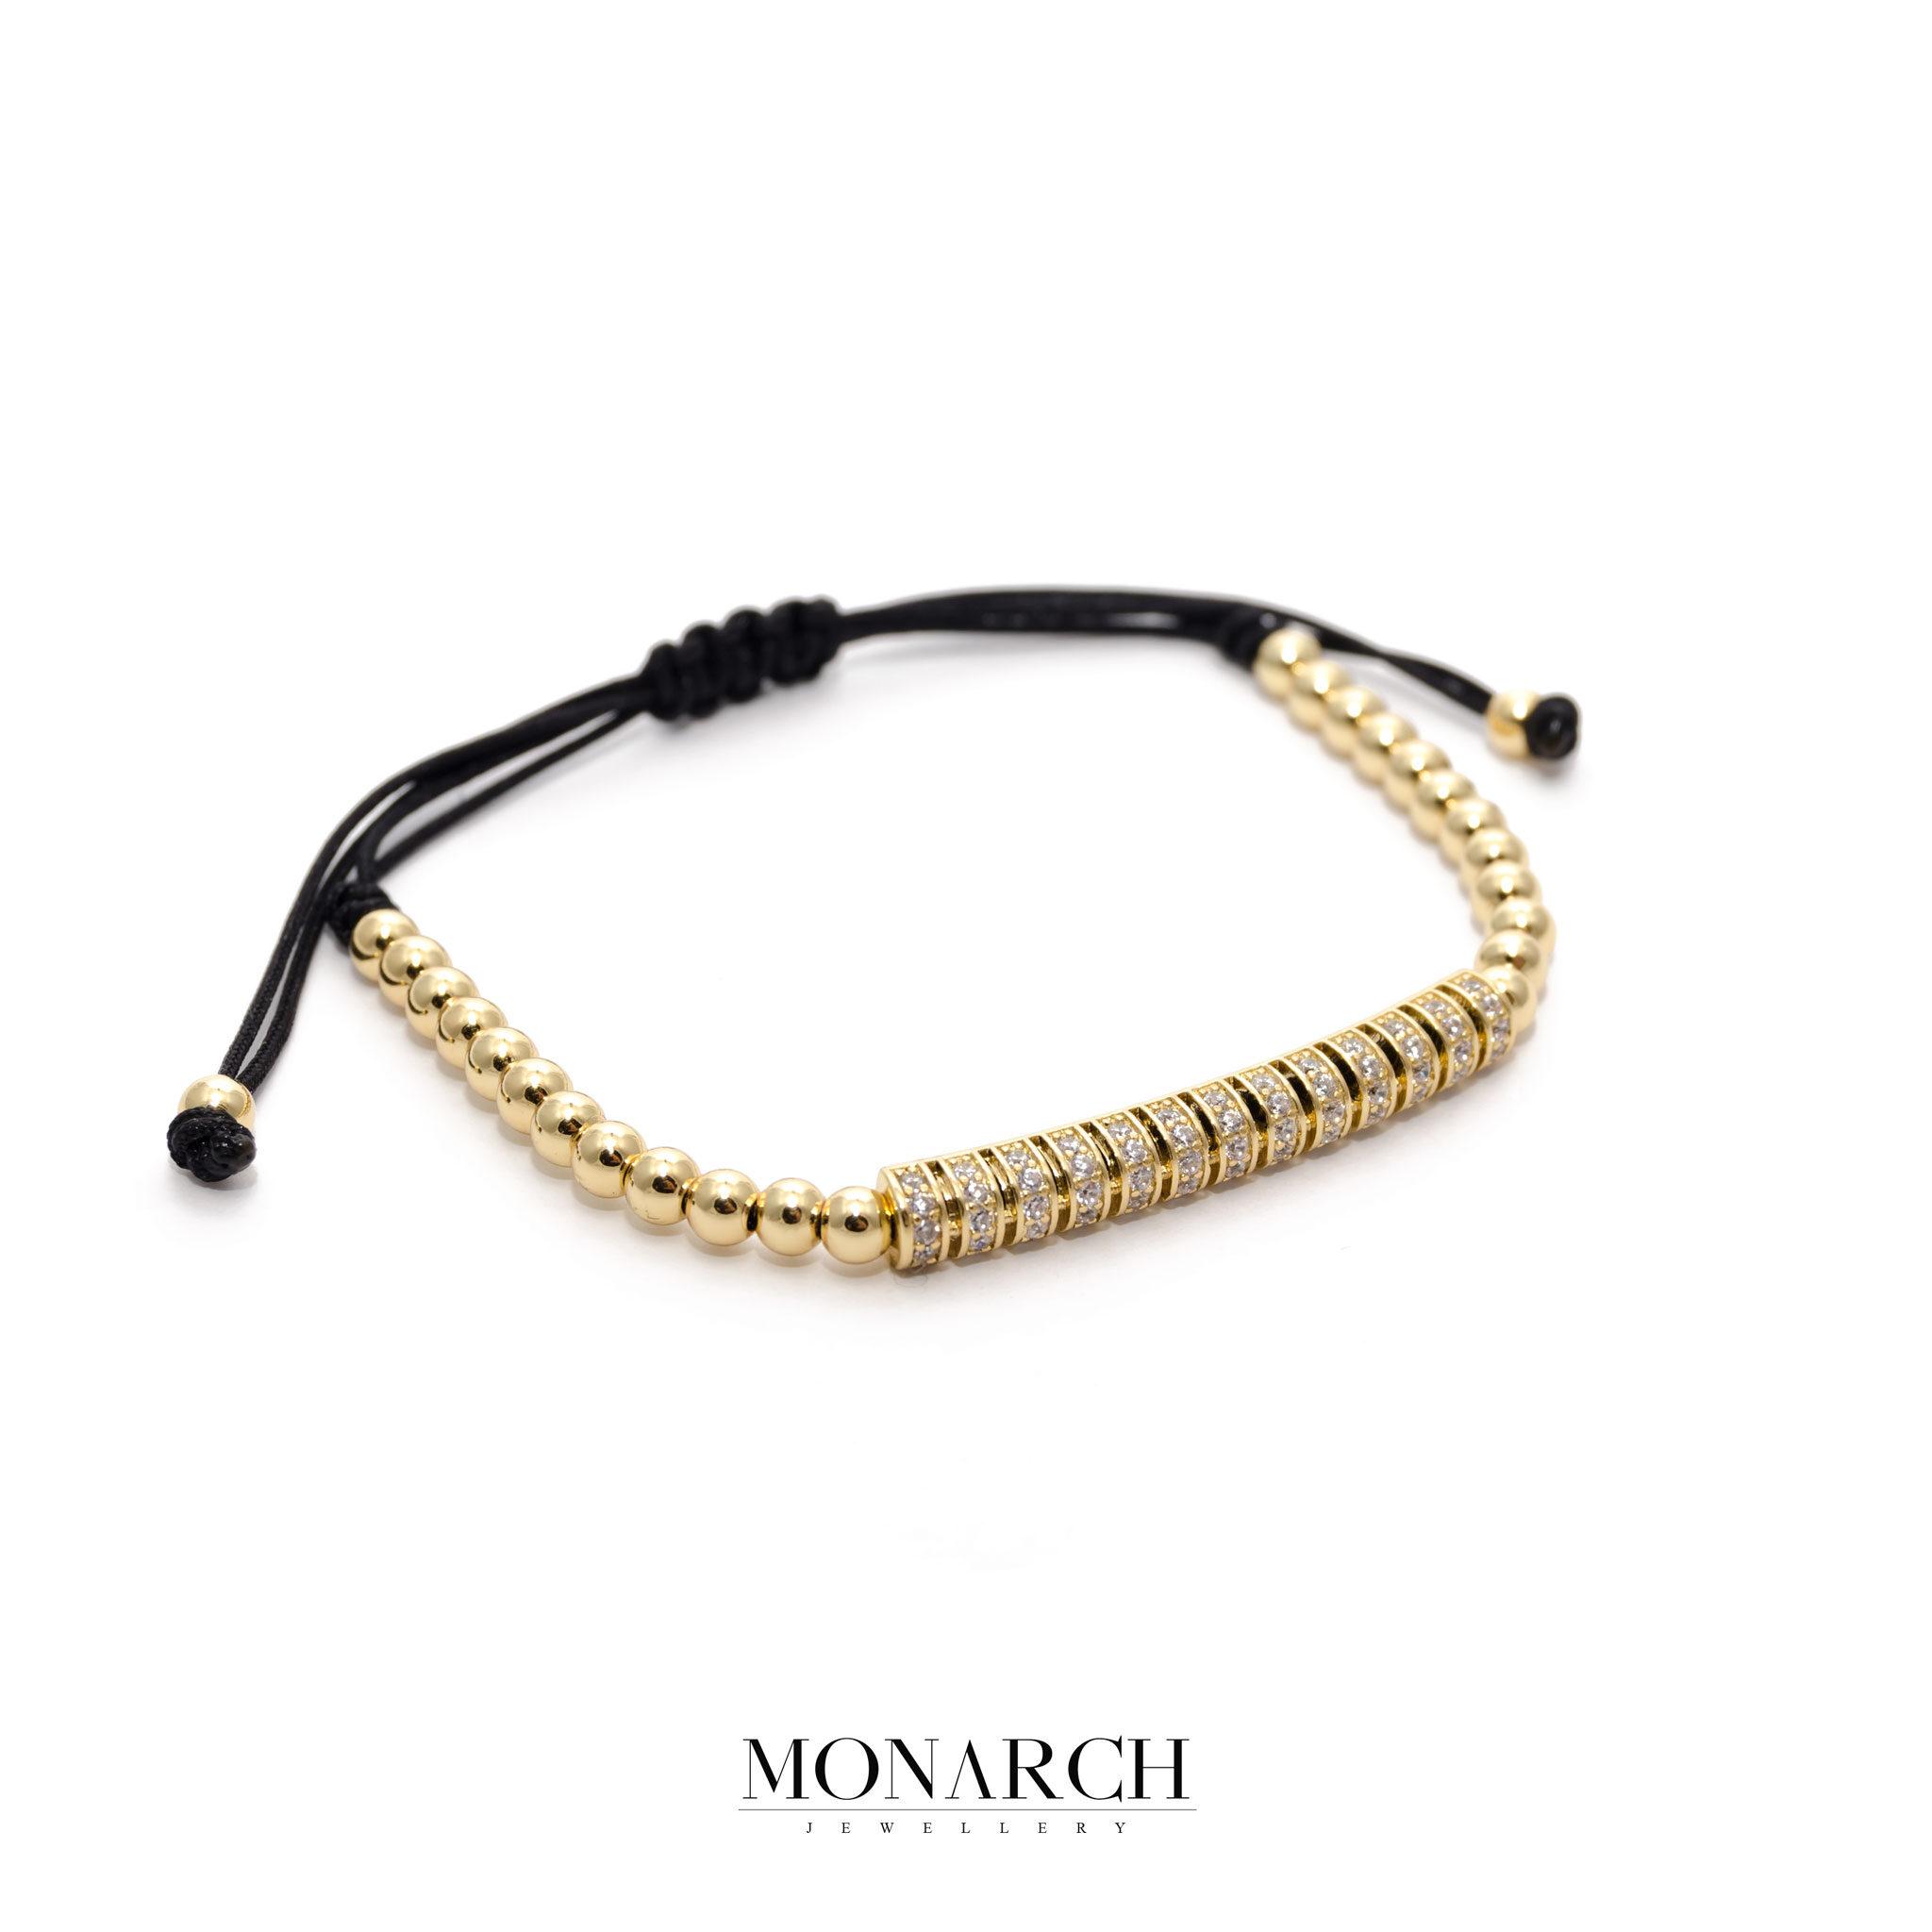 24K Gold Micro Pave Macrame Bracelet